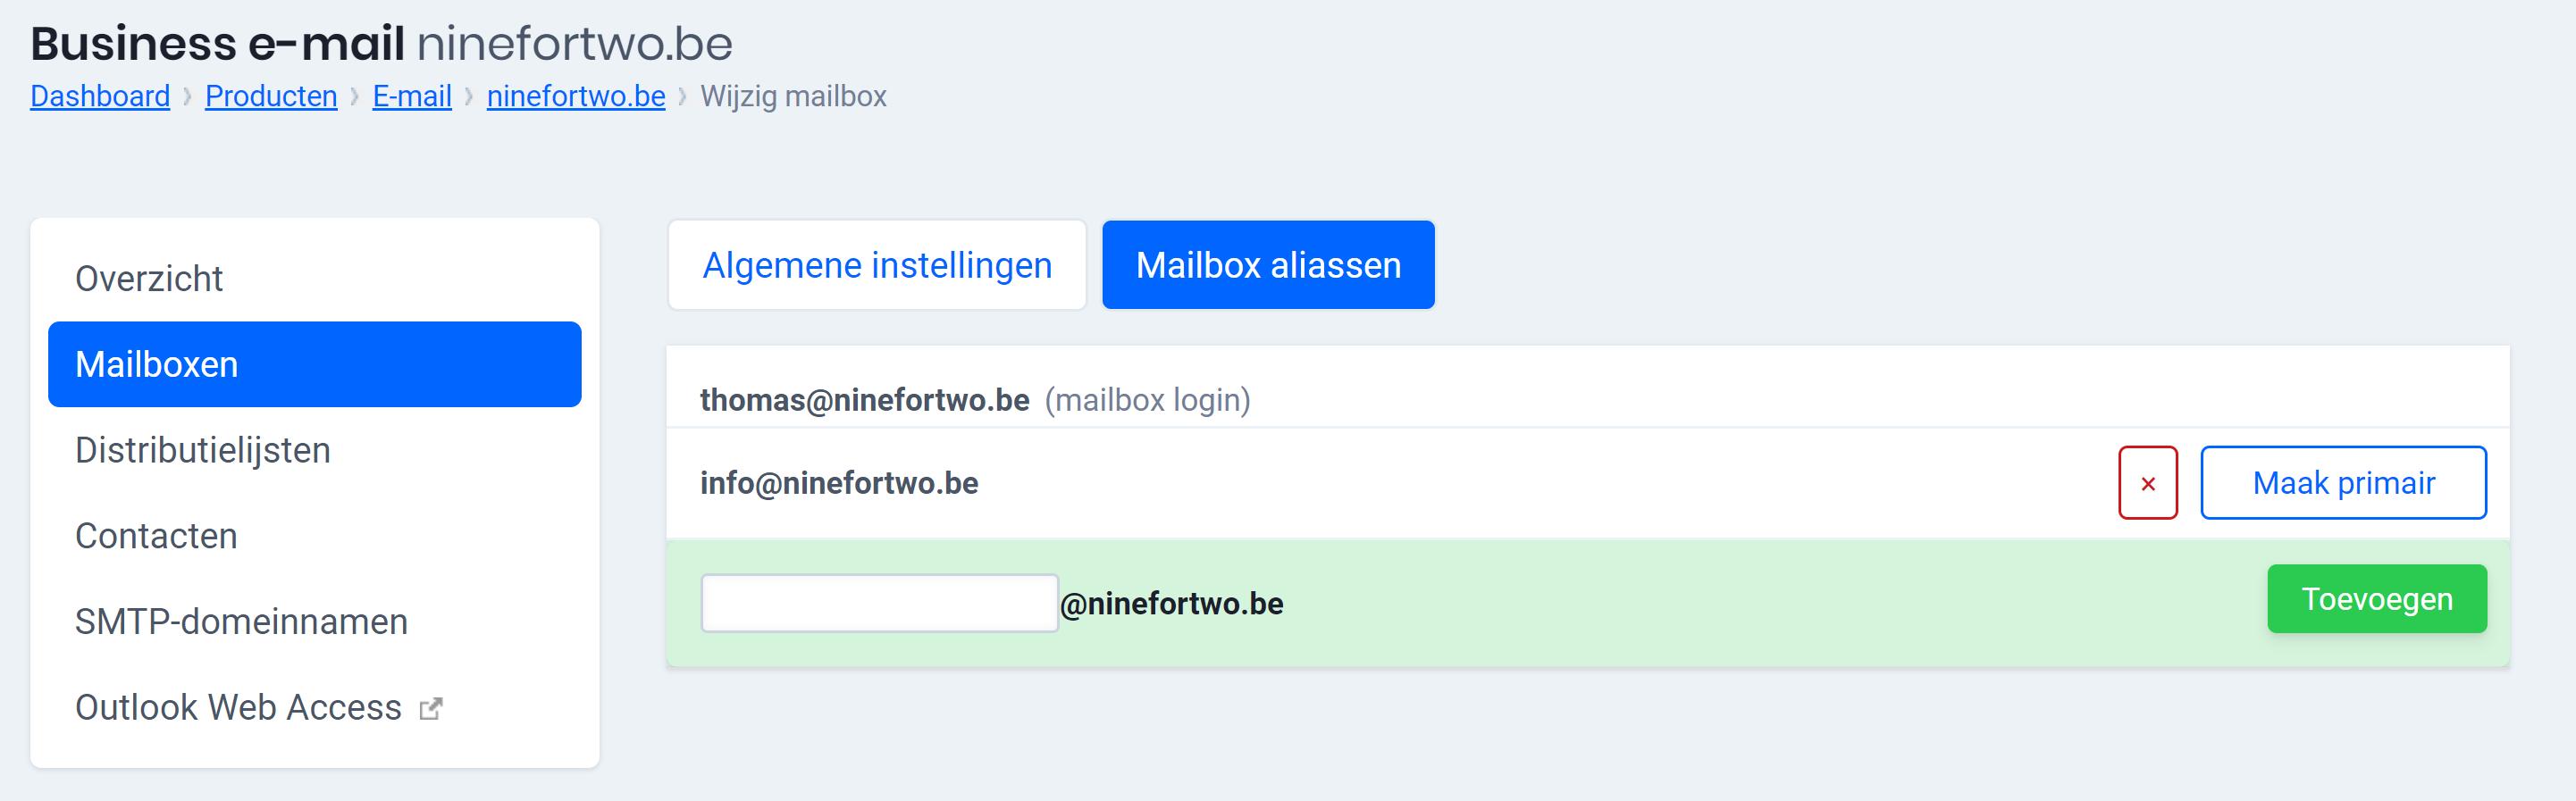 mailbox alias